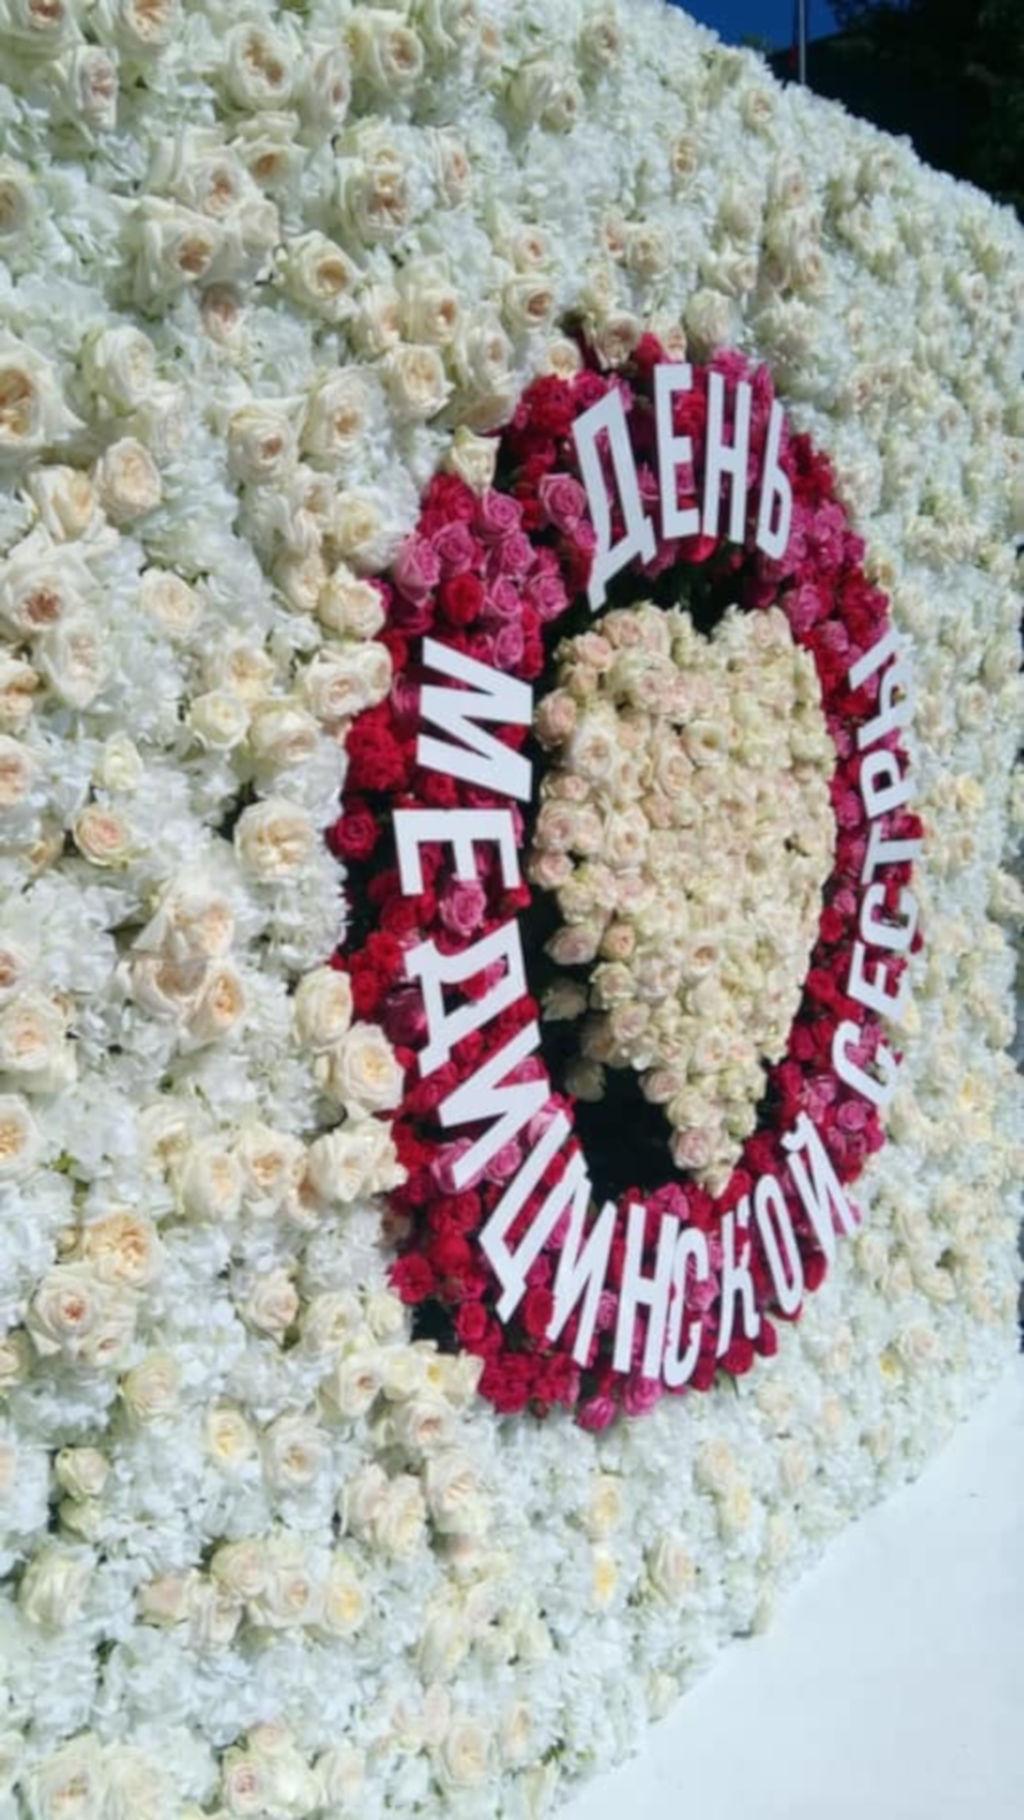 В субботу, 18 мая состоялся большой праздник на ВДНХ, посвящённый международному дню медицинской сестры